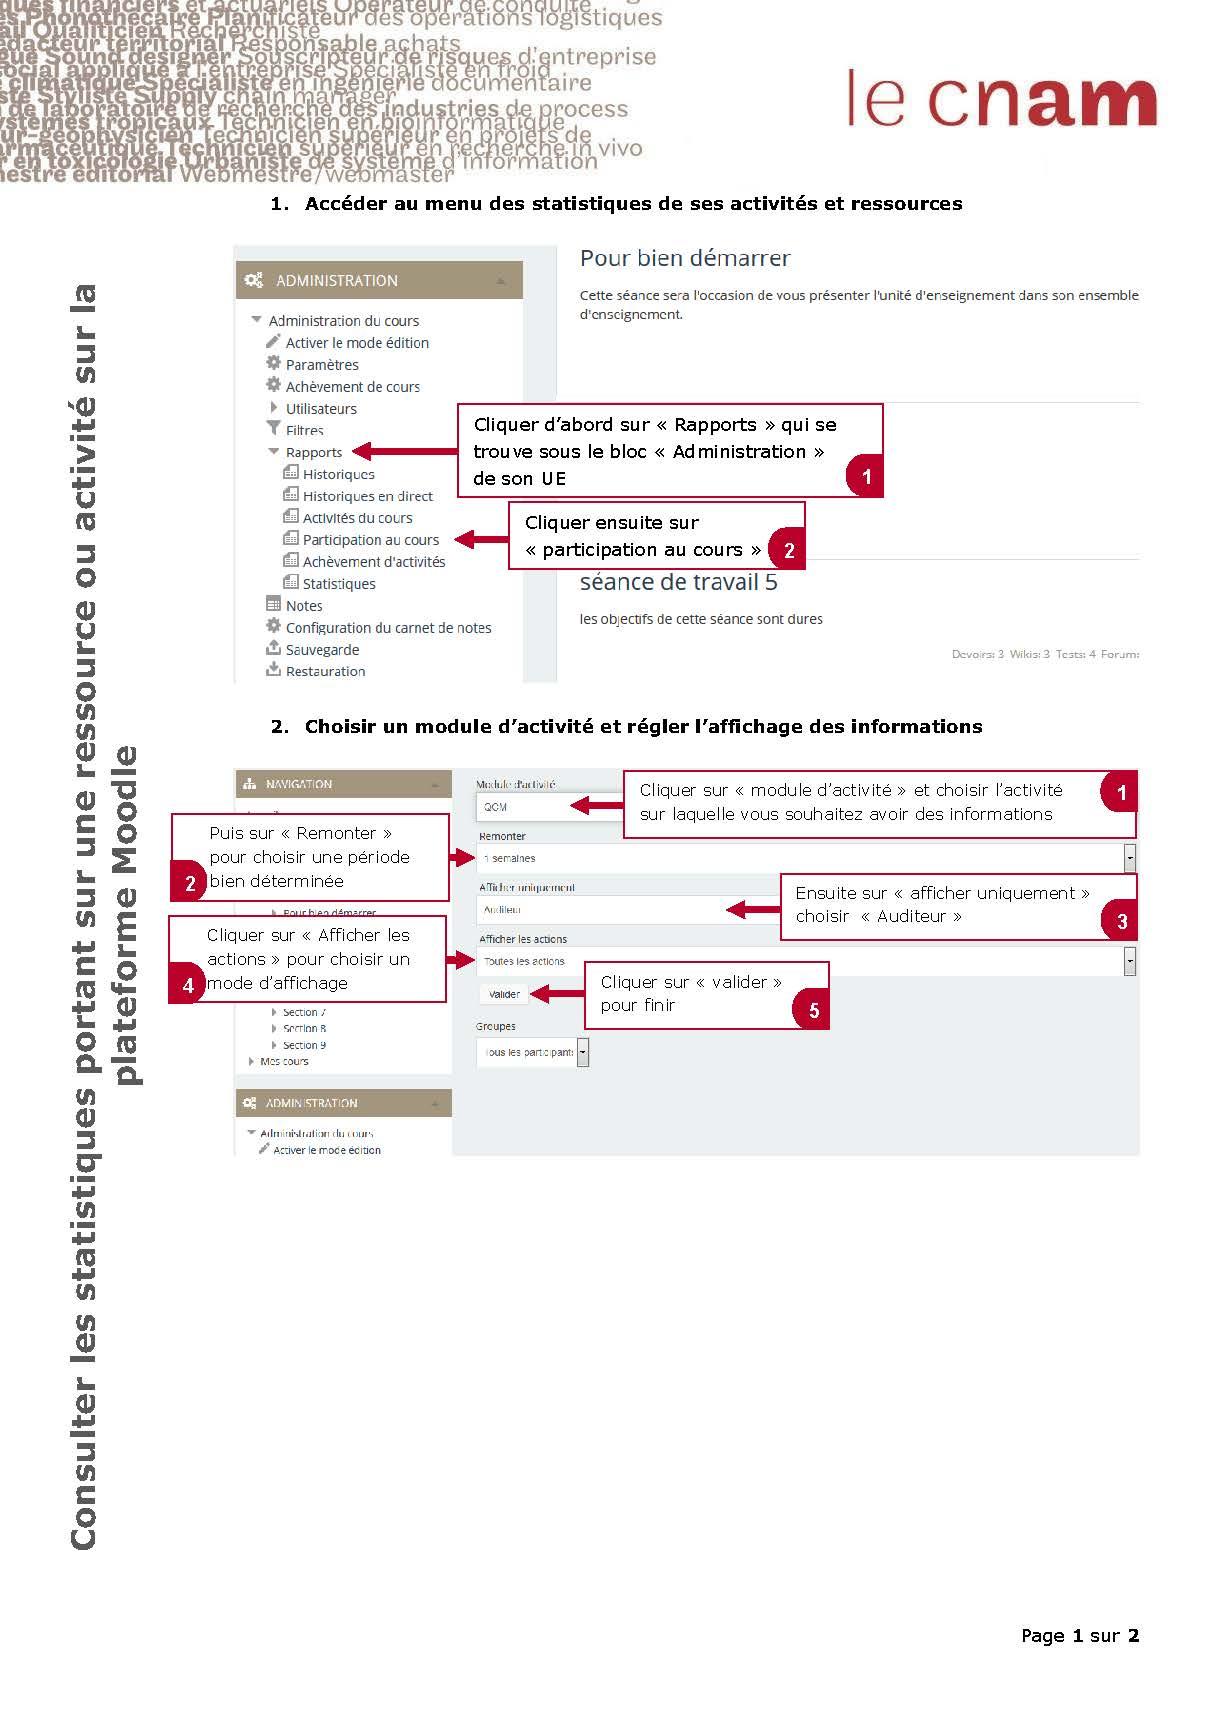 Consulter_les_statistiques_portant_sur_une_activité_ou_une_ressource_Page_1